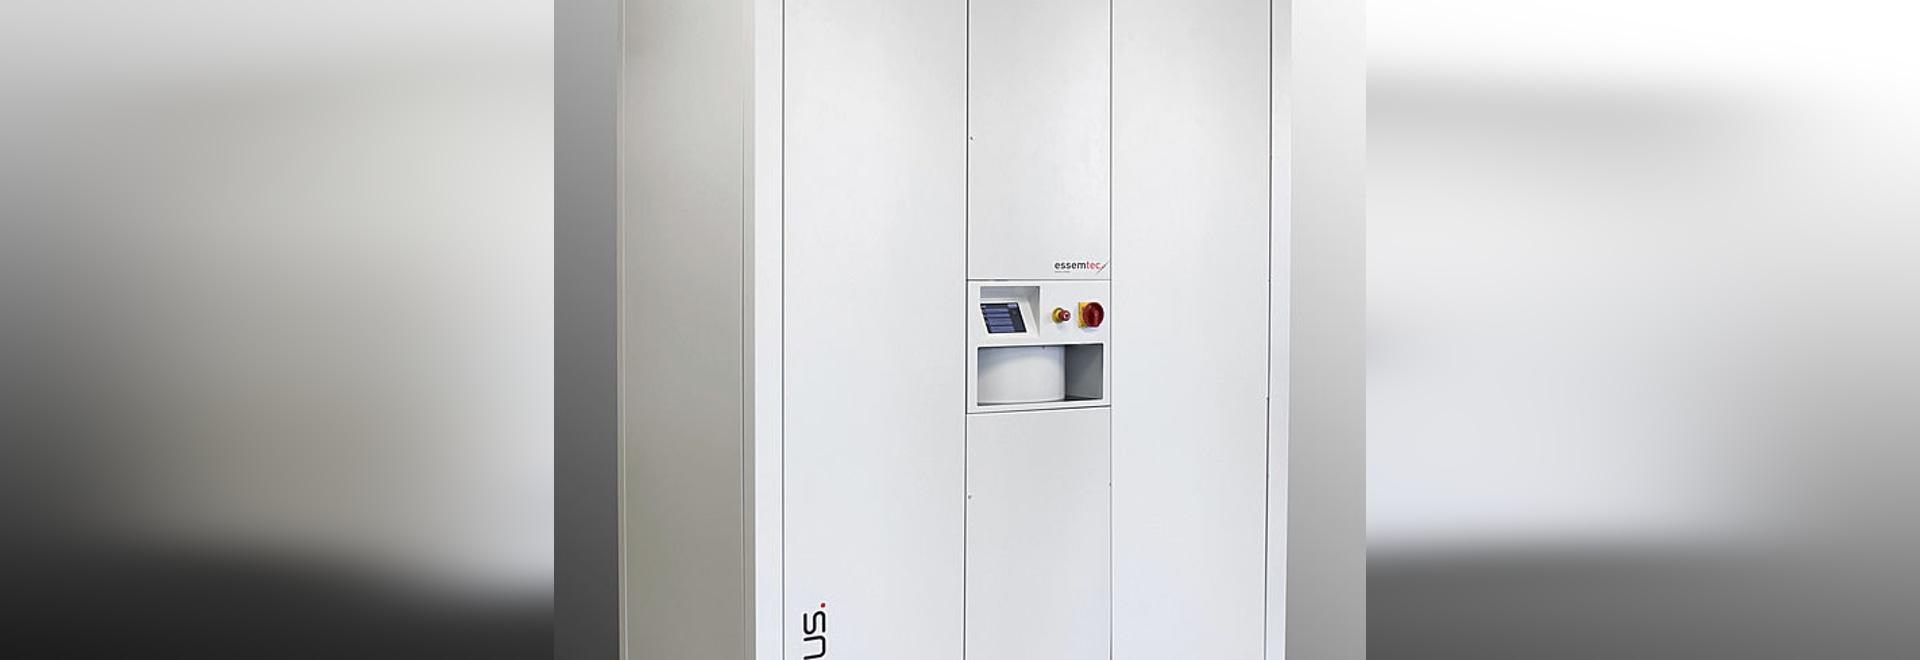 Essemtec AG a attribué le contrat pour 100 systèmes de stockage de Cubus SMT